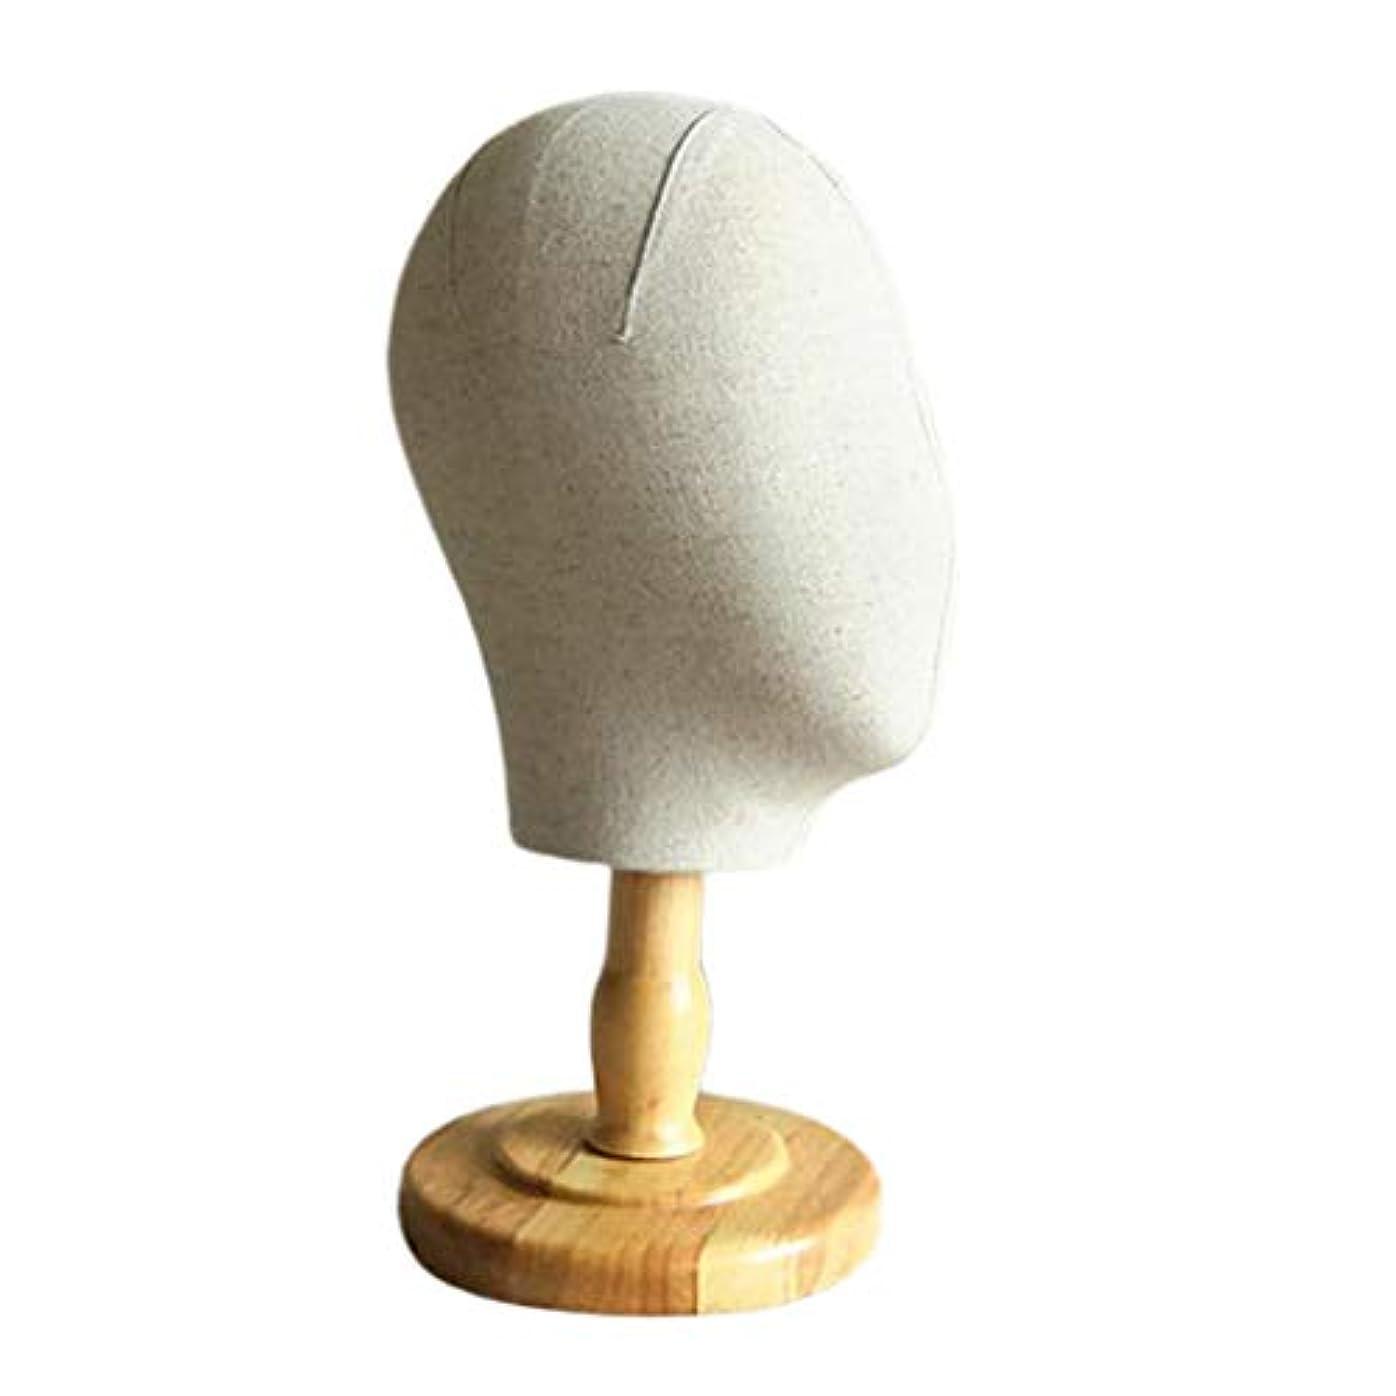 強います欠点好意Toygogo 帽子 スタンド マネキンヘッド ウィッグスタンド かつら ウィッグ ディスプレイ ヘッドホルダー